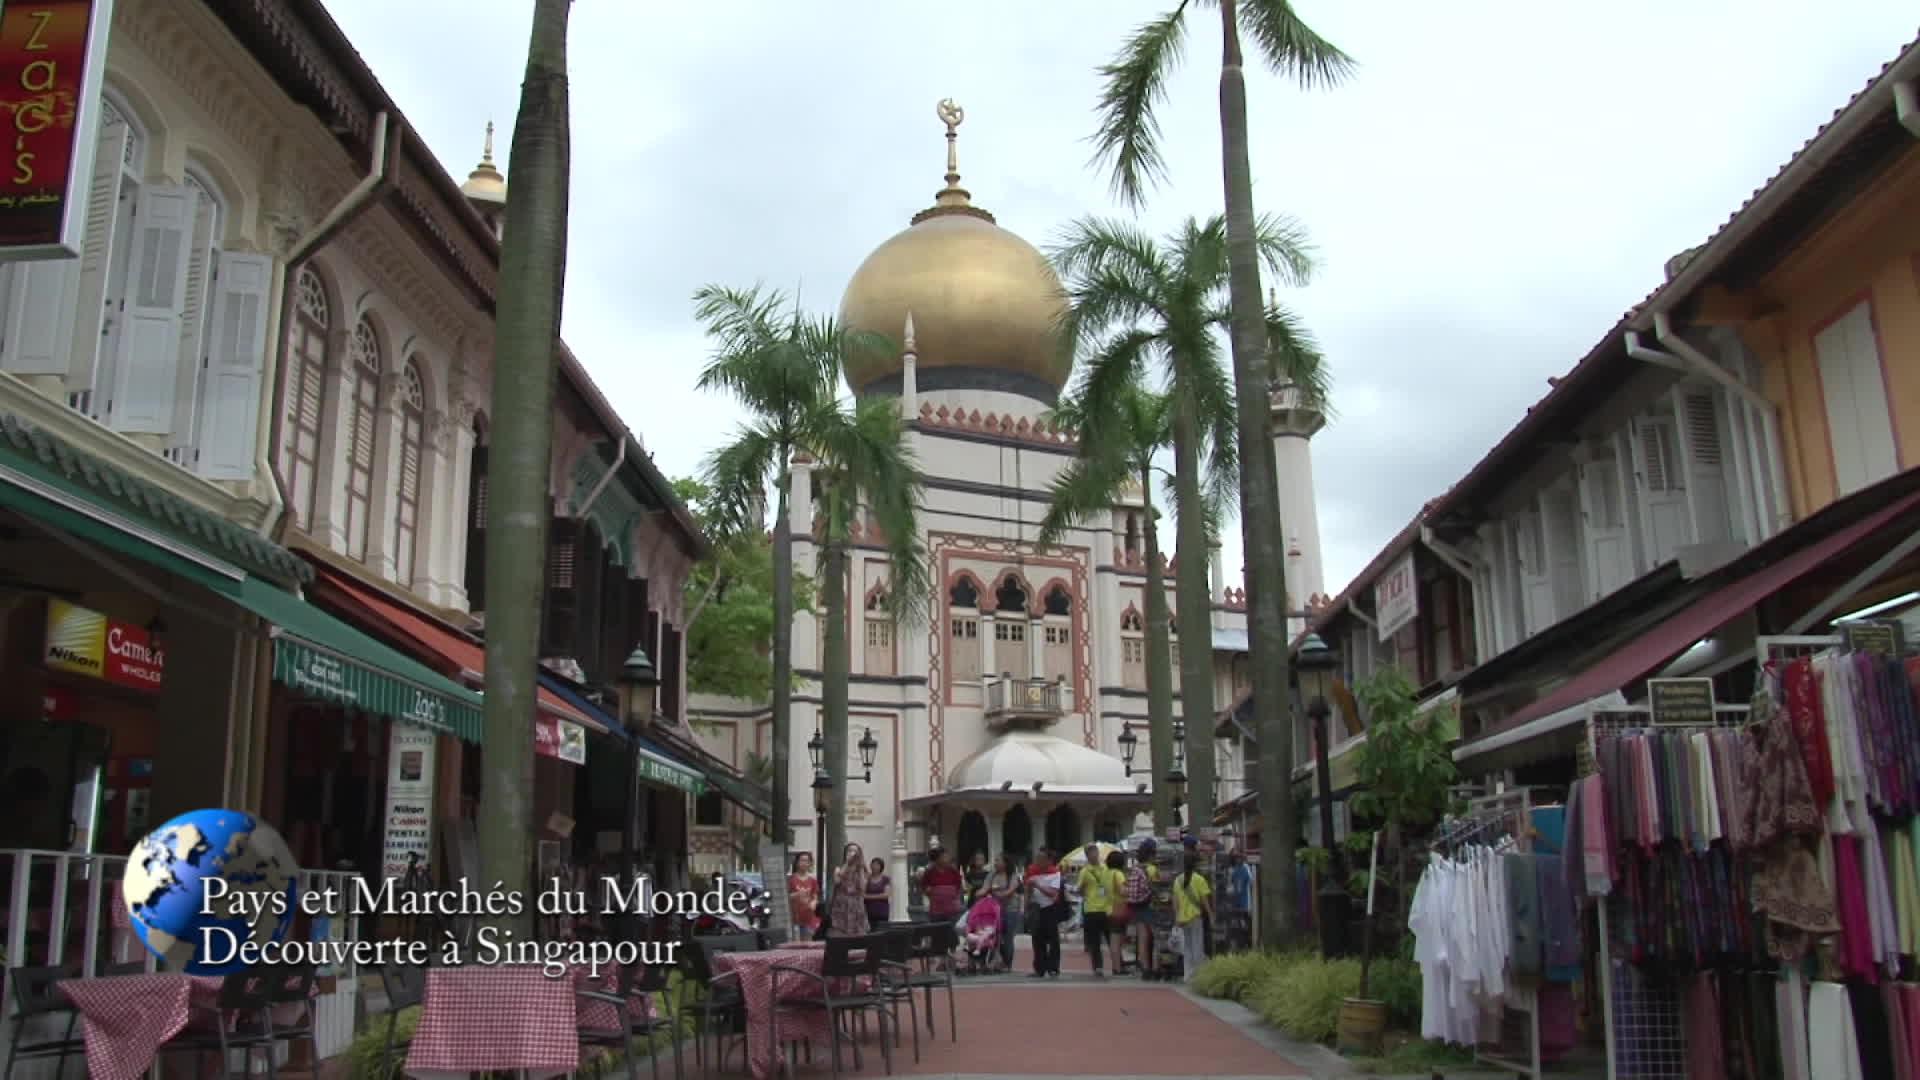 PAYS ET MARCHES DU MONDE-EP009-SINGAPOUR